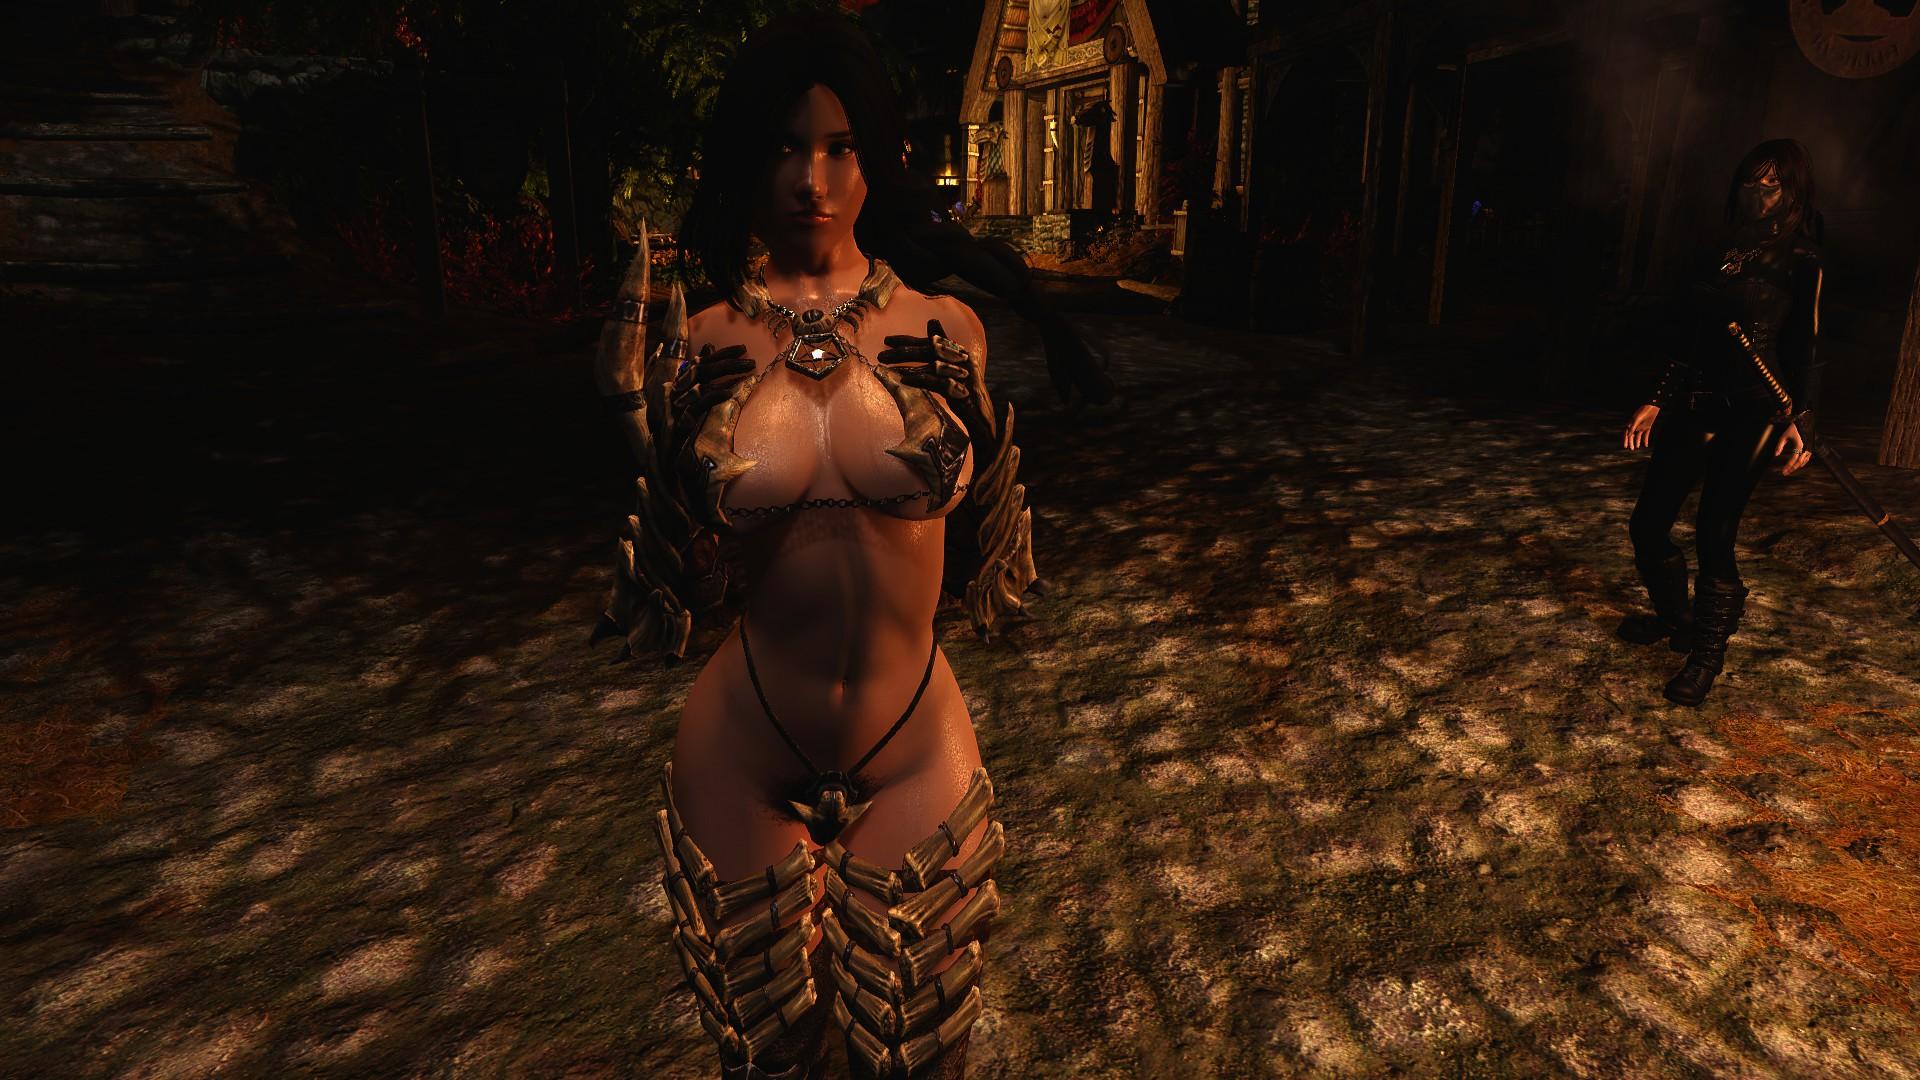 Сексуальная броня вампира